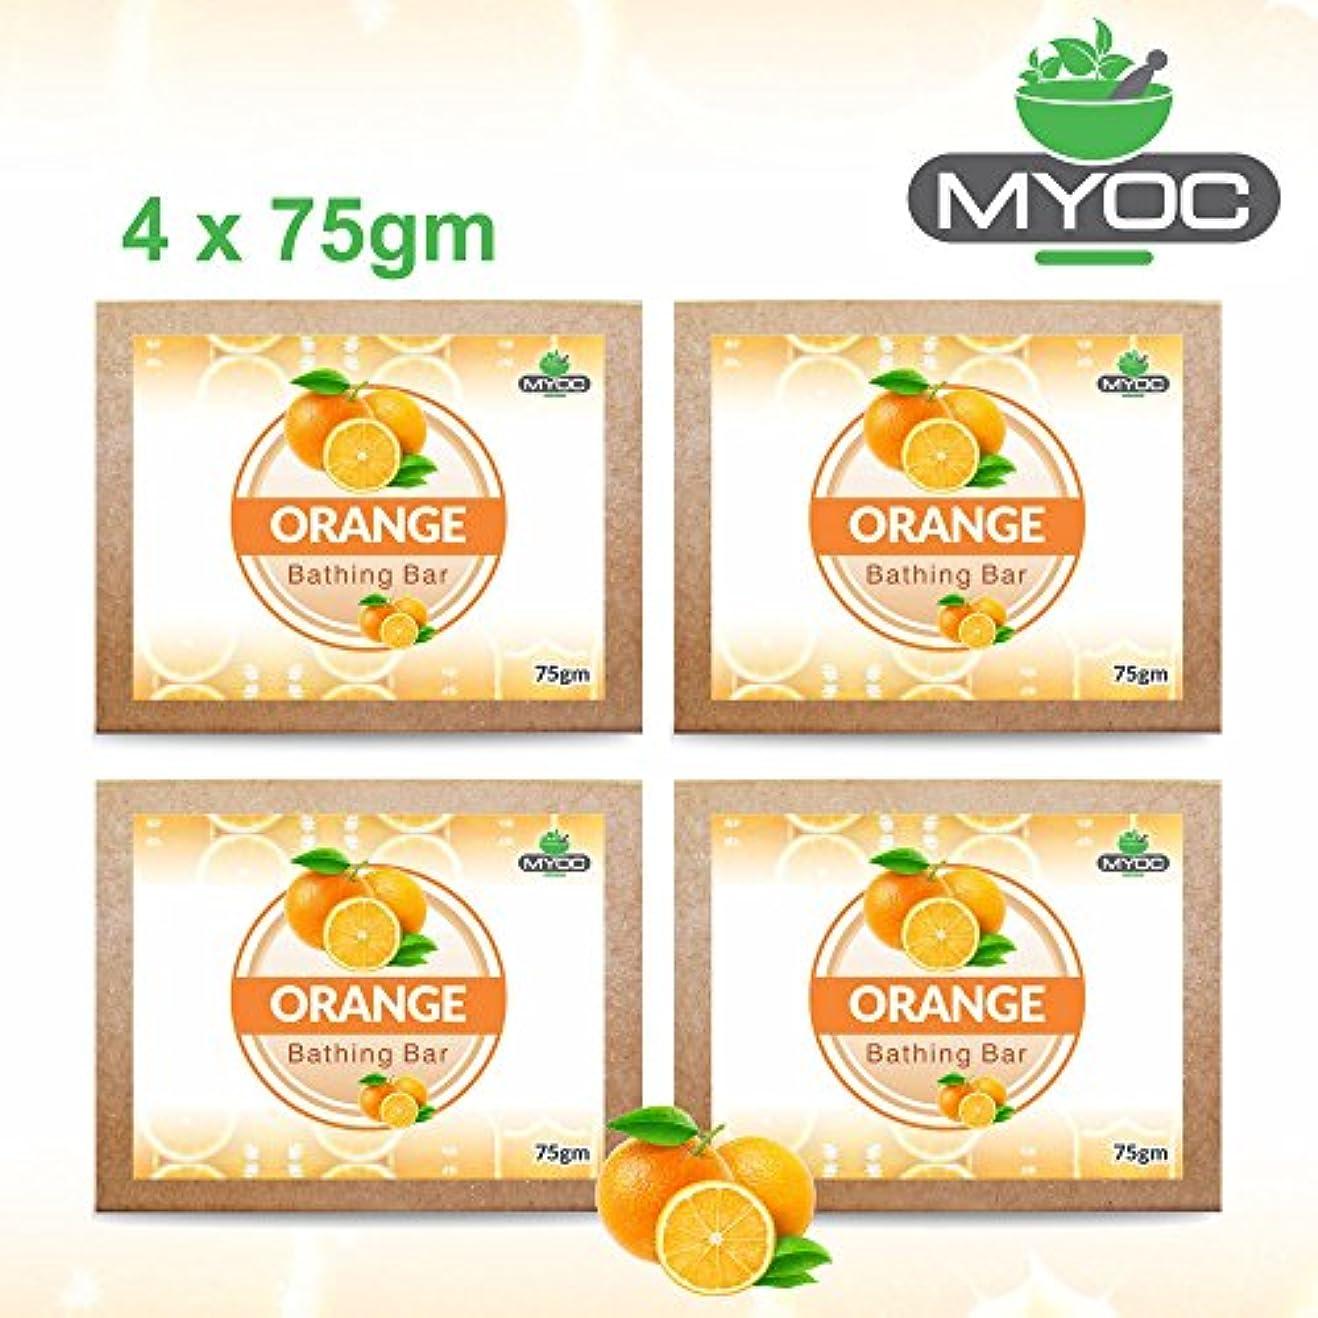 側課すであるOrange soap for dull looking skin. Combats bacteria, rejuvenates skin, fights blemishes and unclog pores 75gm...